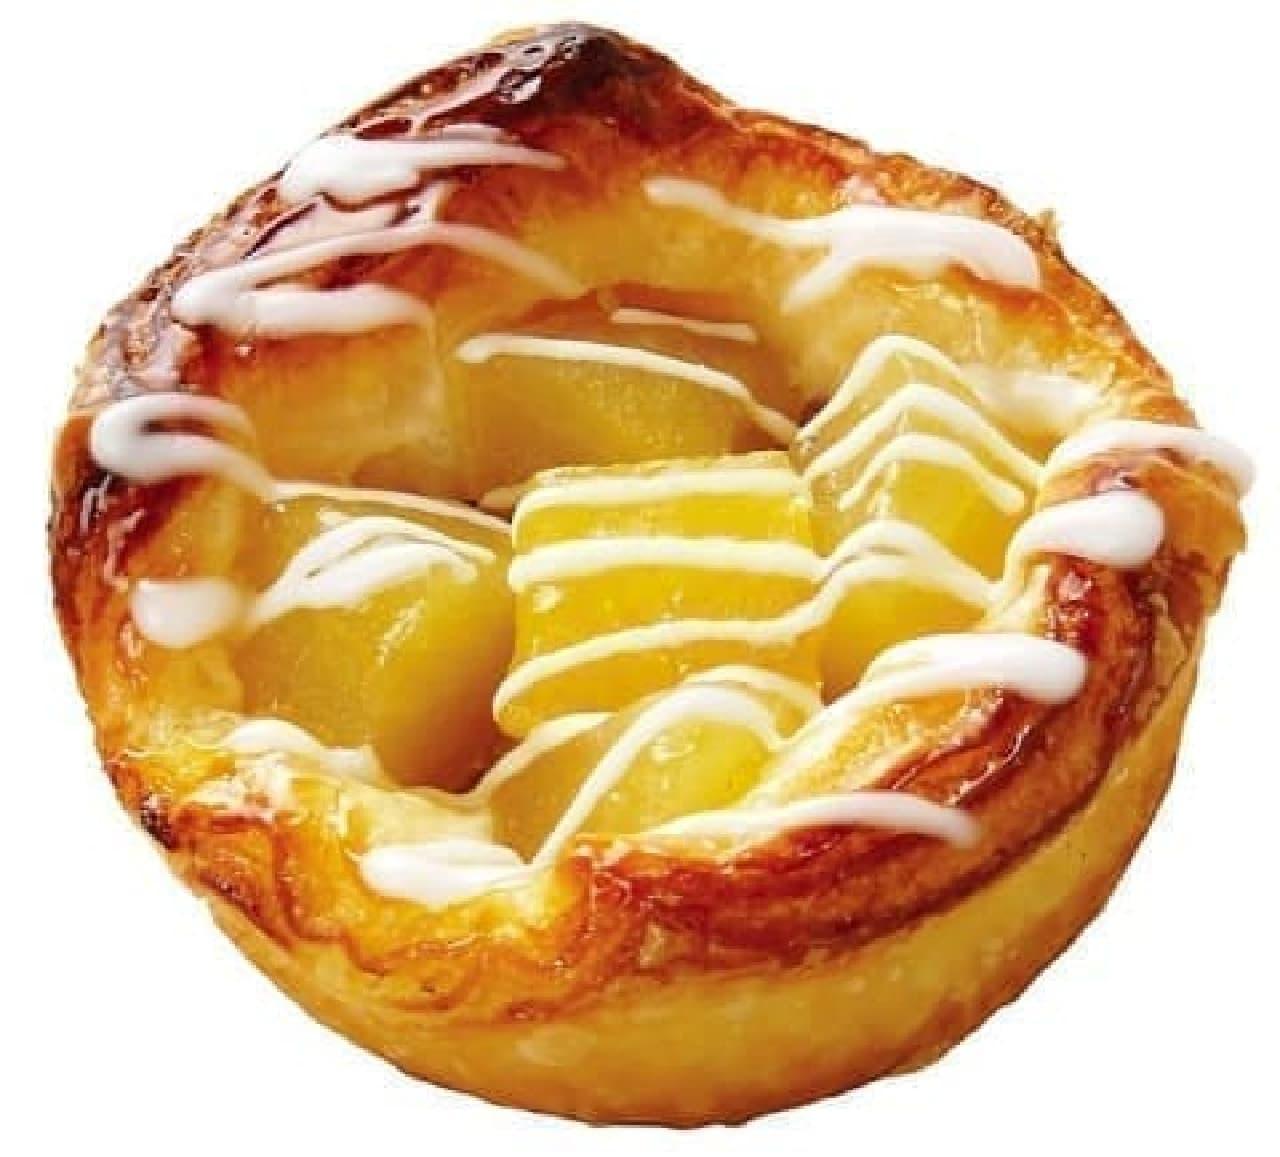 クイーンズベーカリーの「キャラメルりんごのデニッシュ」